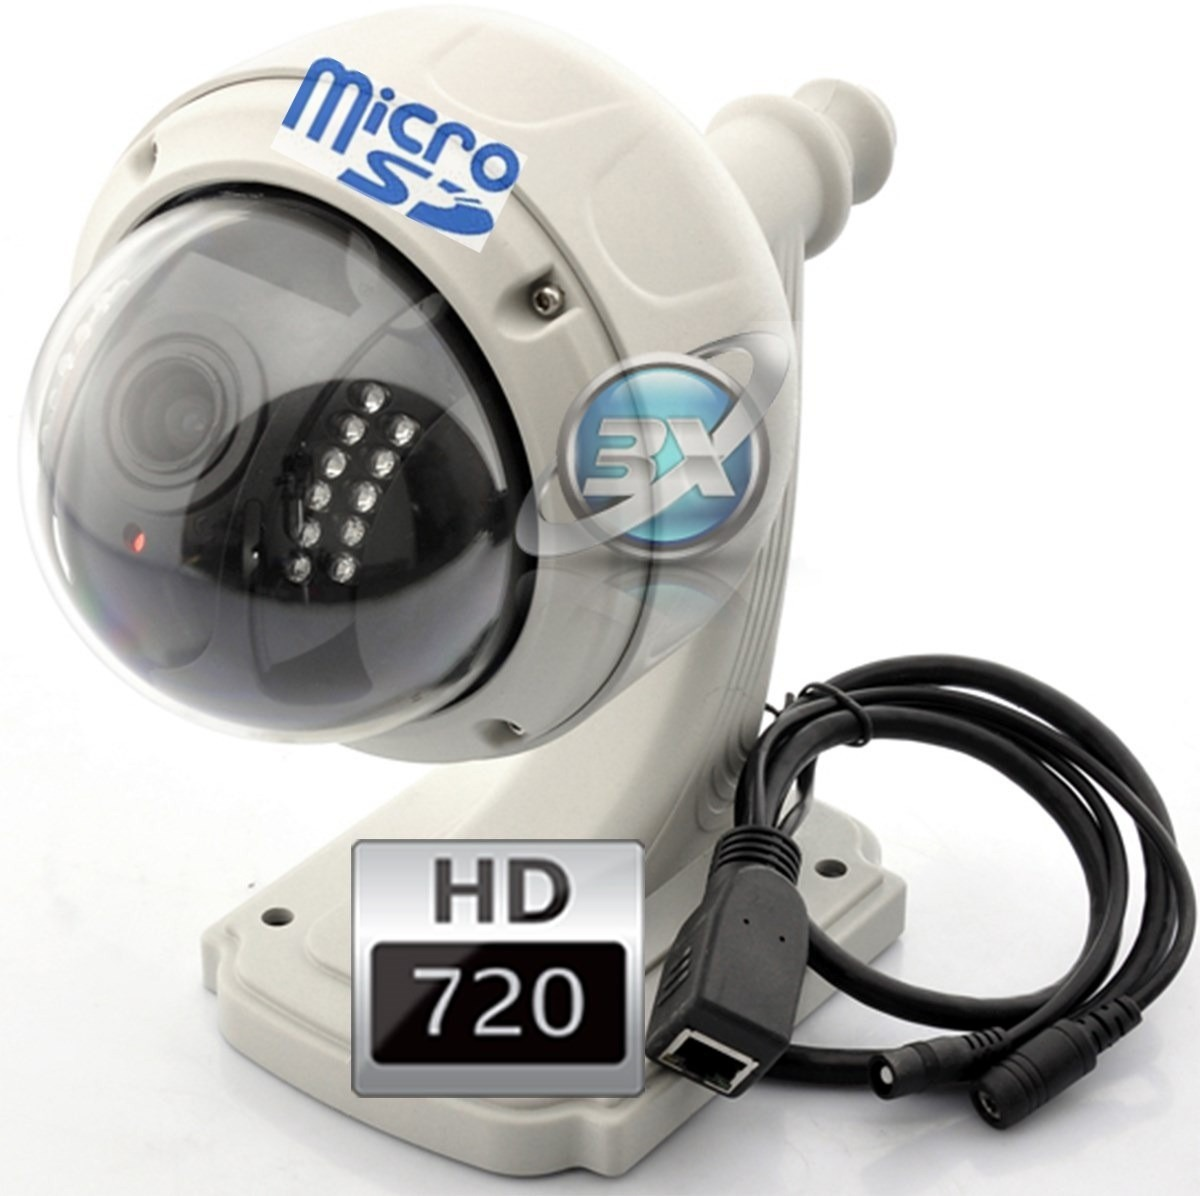 Camara ip hd inalambrica 4x zoom domo vigilancia exterior - Camaras de vigilancia ip ...